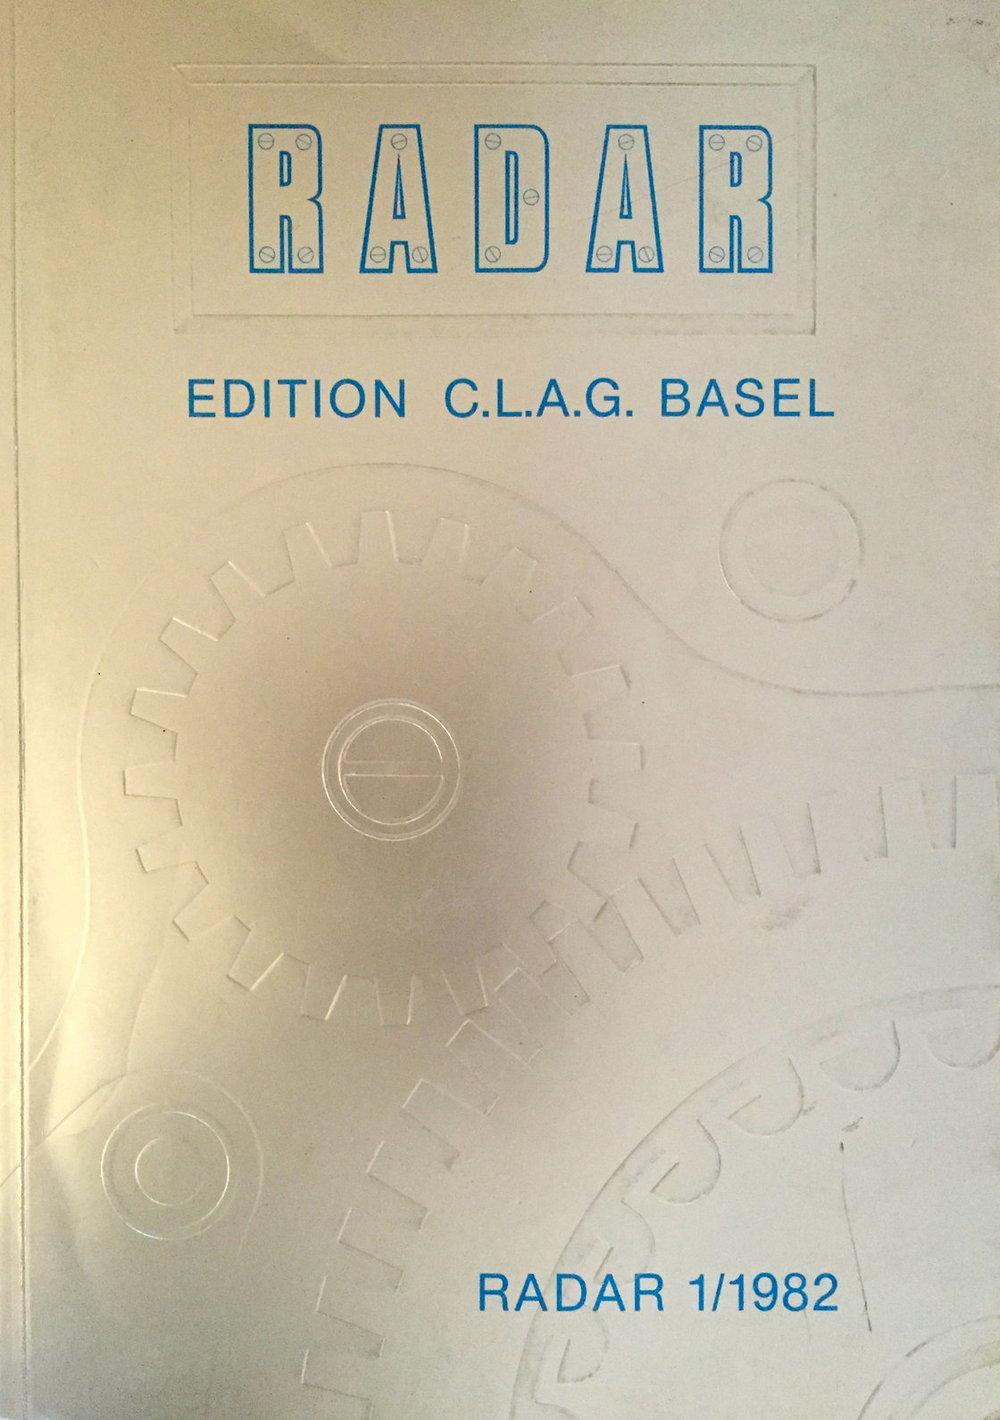 RADAR C.L.A.G. BASEL 1982